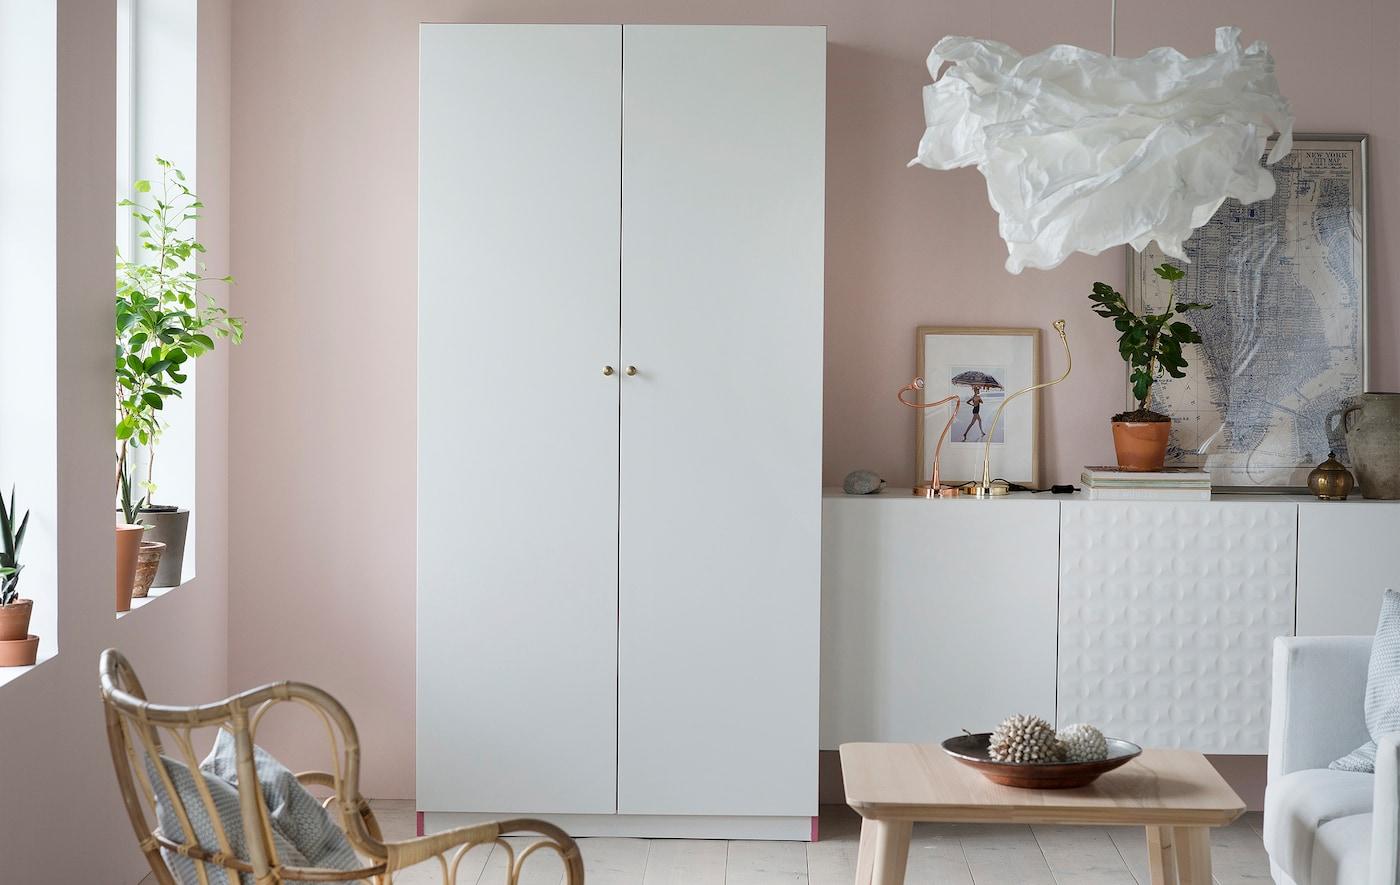 Armario PAX blanco en un amplio salón, con sus dos puertas blancas cerradas para que la habitación resulte apacible y acogedora.